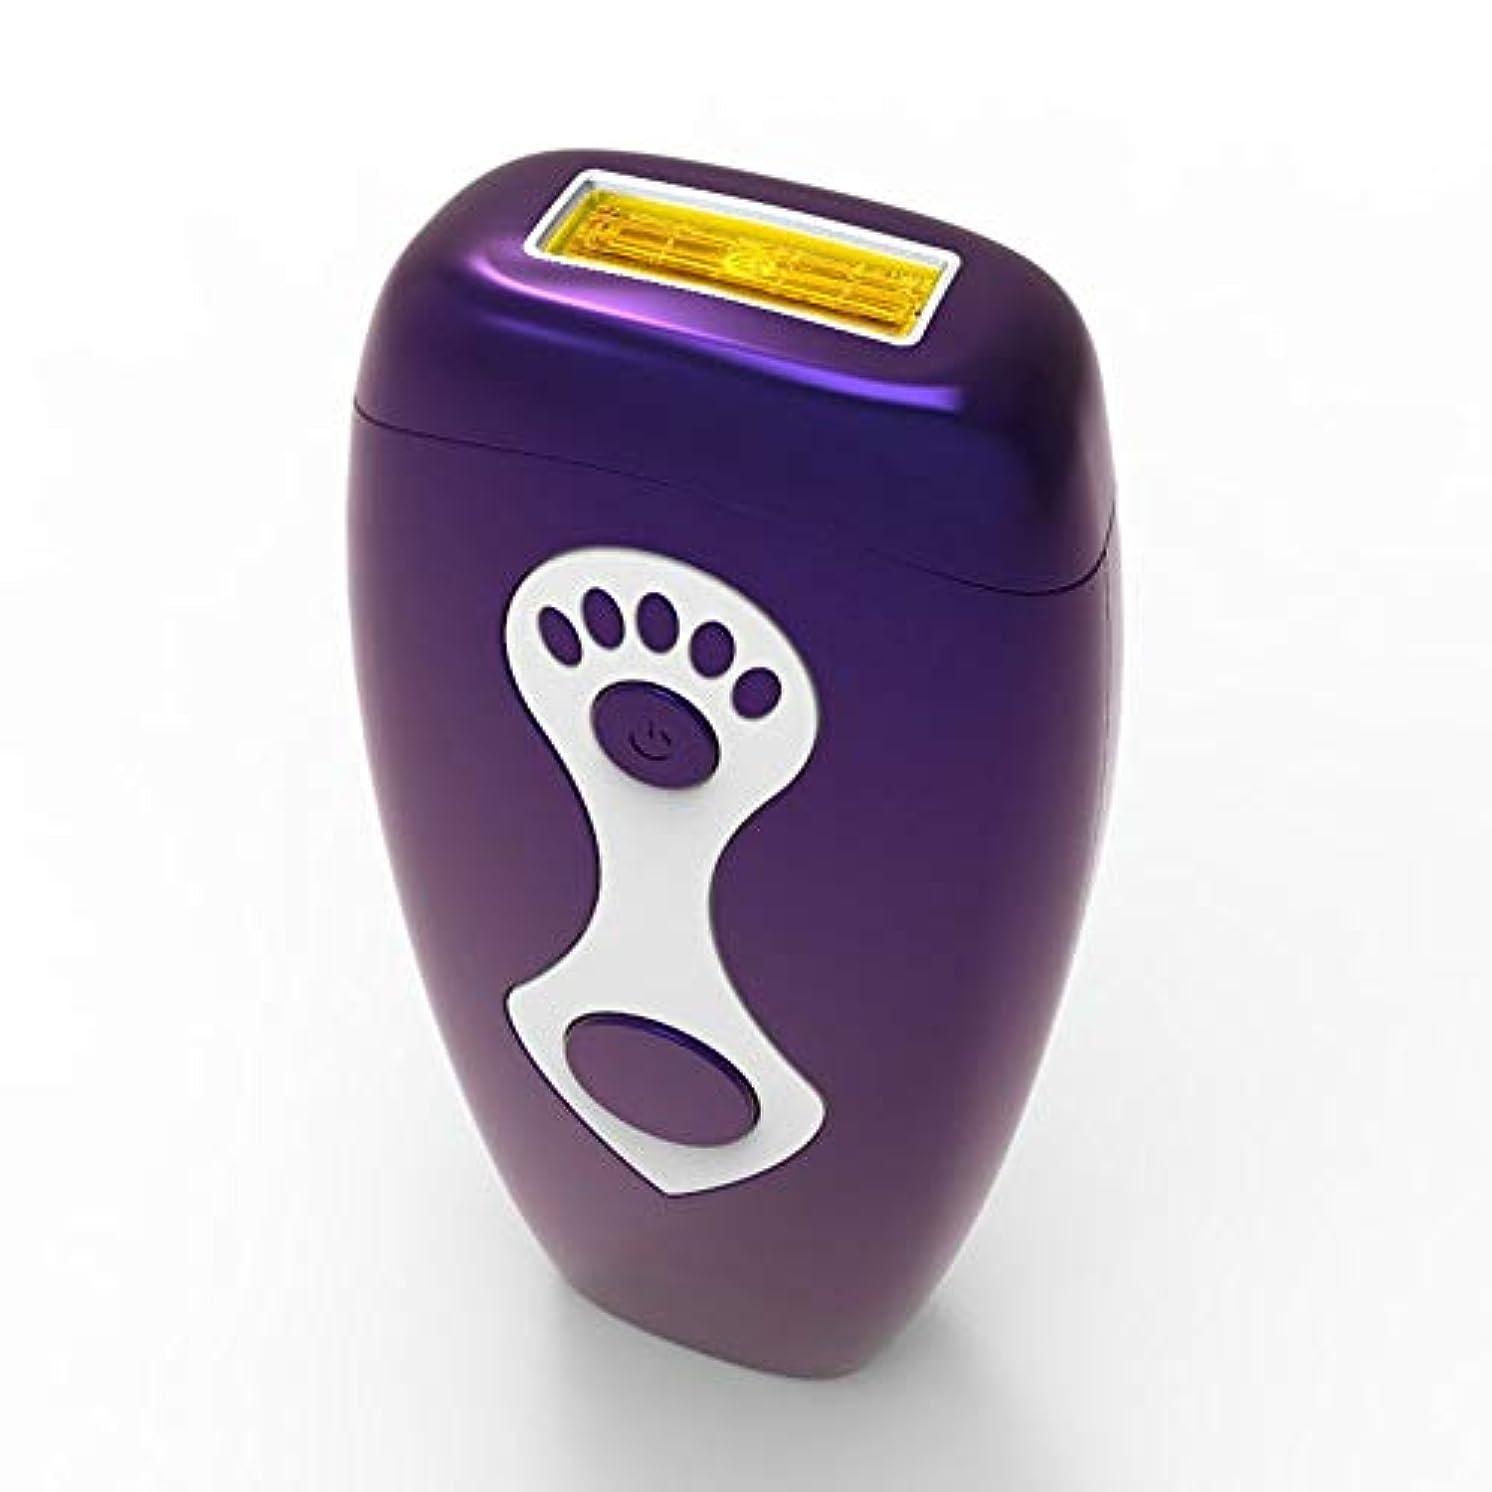 穏やかなハンディキャップ変装したダパイ パーマネント脱毛、家庭用ニュートラルヘアリムーバー、柔らかい肌、マルチ運動エネルギー、安全性、グレード5無料調整、サイズ7.5×16.5 Cm U546 (Color : Purple)